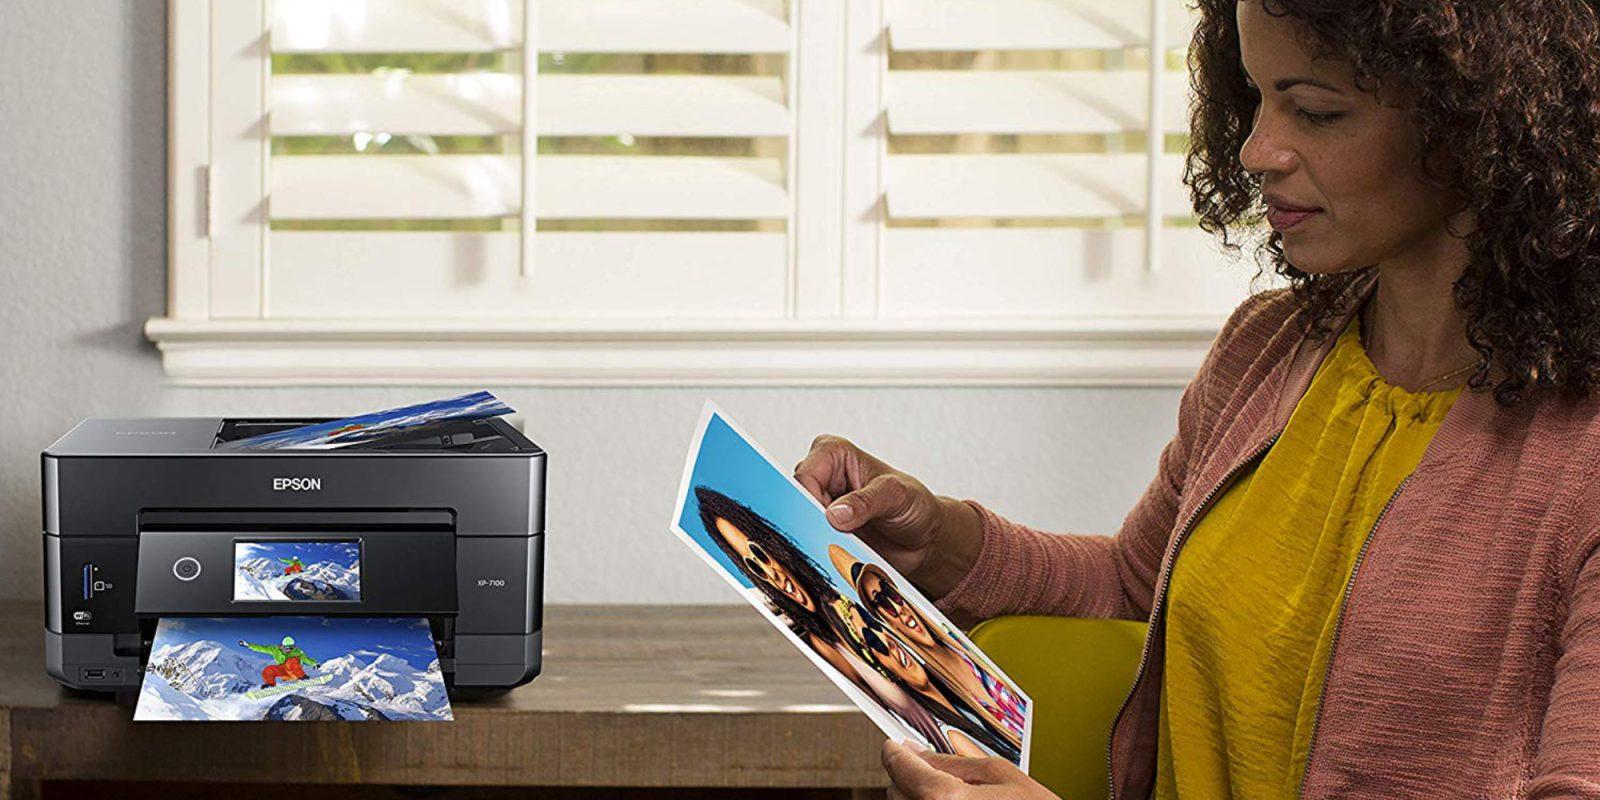 Printer - 9to5Toys